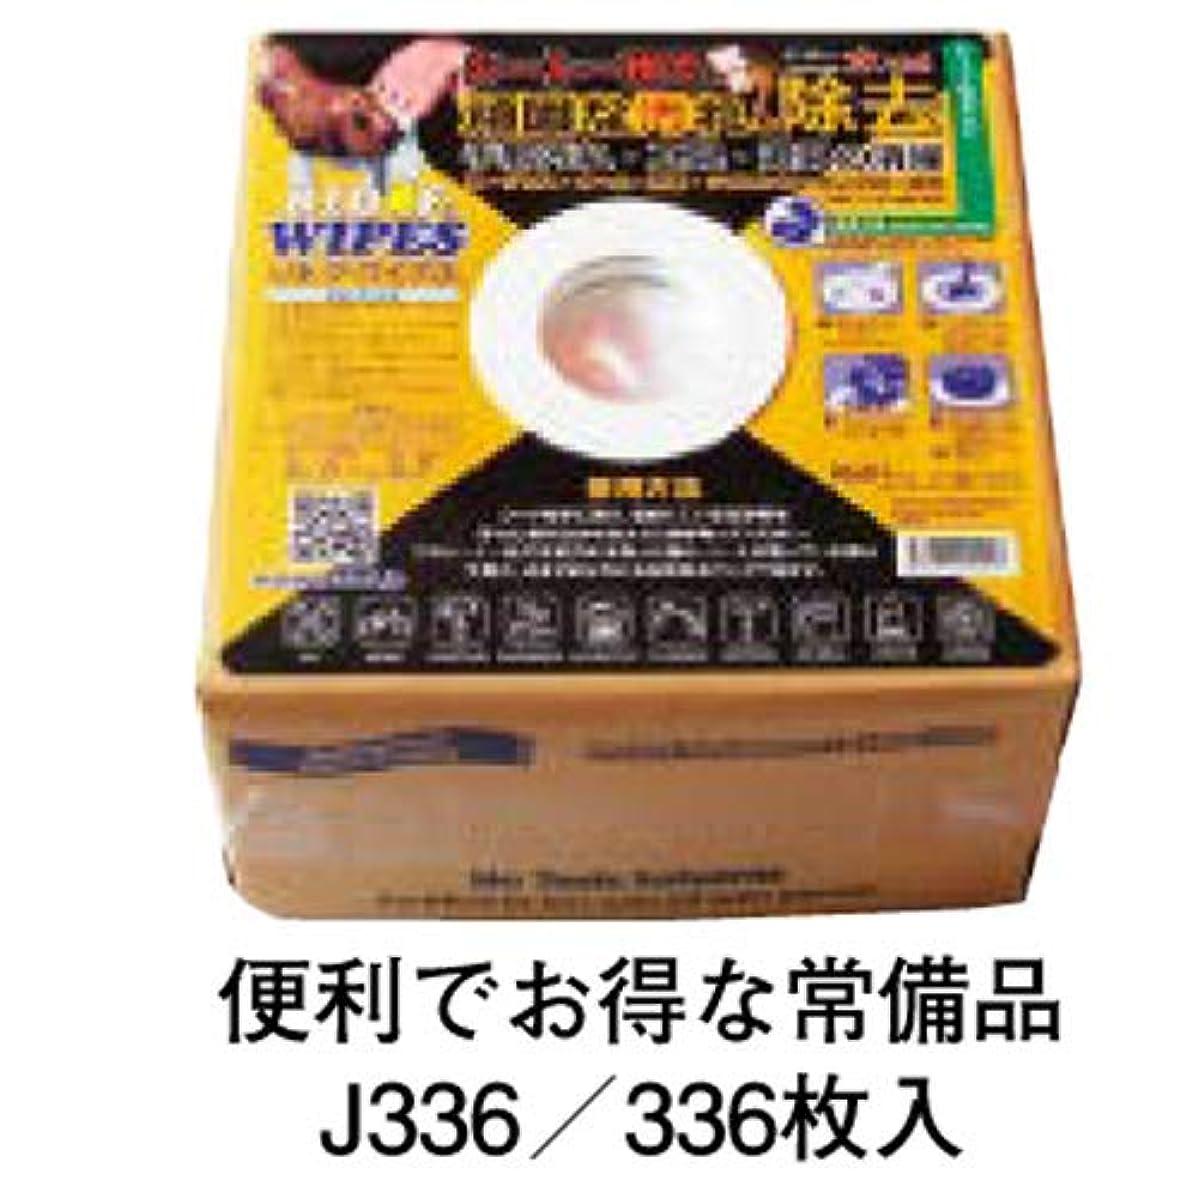 悔い改め弾薬レベルリドフワイプス ボックスタイプ/336枚入 J336